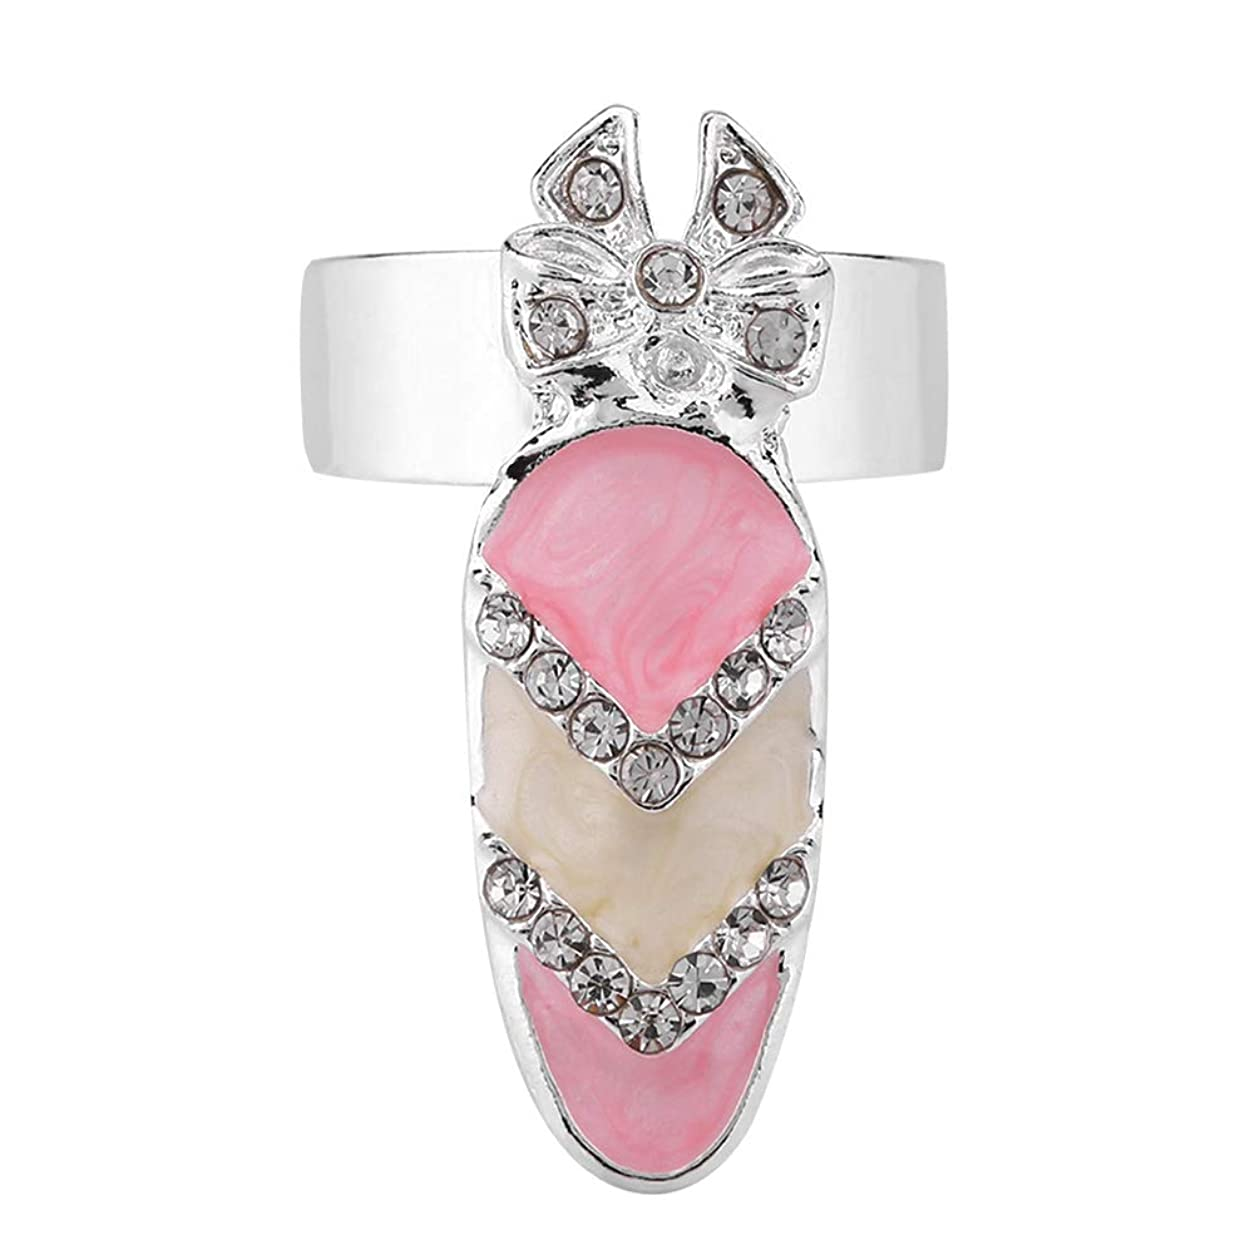 ジャーナル雑草法医学Semmeちょう結びのナックルの釘のリング、指の釘の指輪6種類のちょう結びの水晶指の釘の芸術のリングの女性の贅沢な指の釘のリングの方法ちょう結びの釘の釘のリングの装飾(5#)